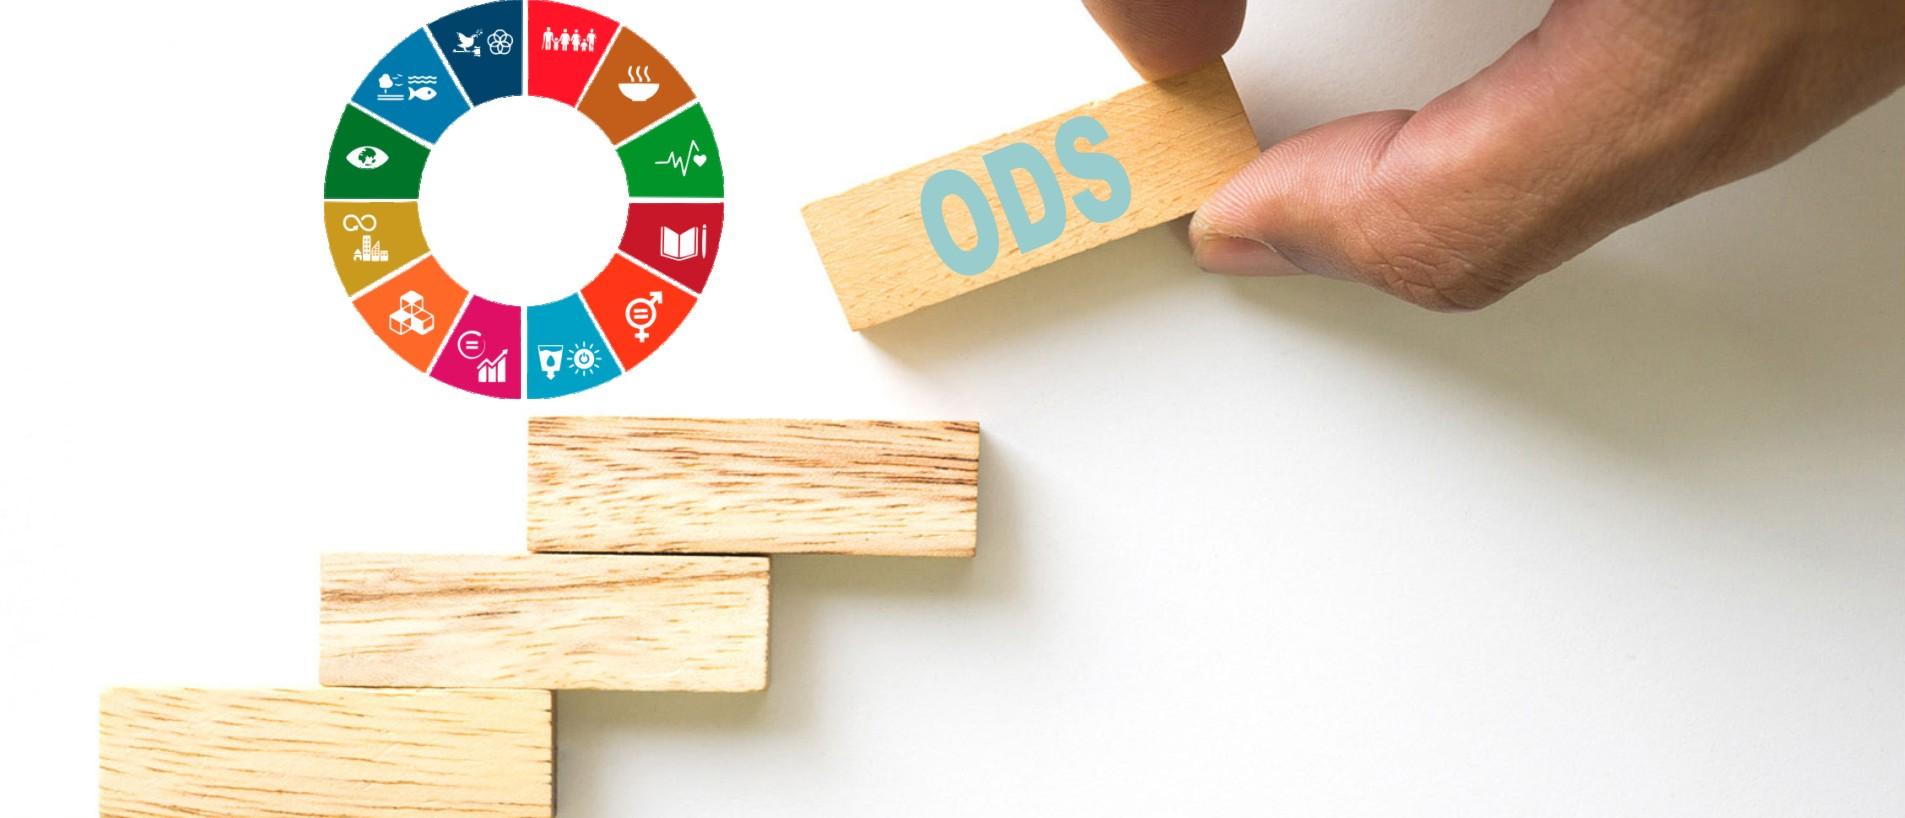 bloques de madera construcción objetivos desarrollo